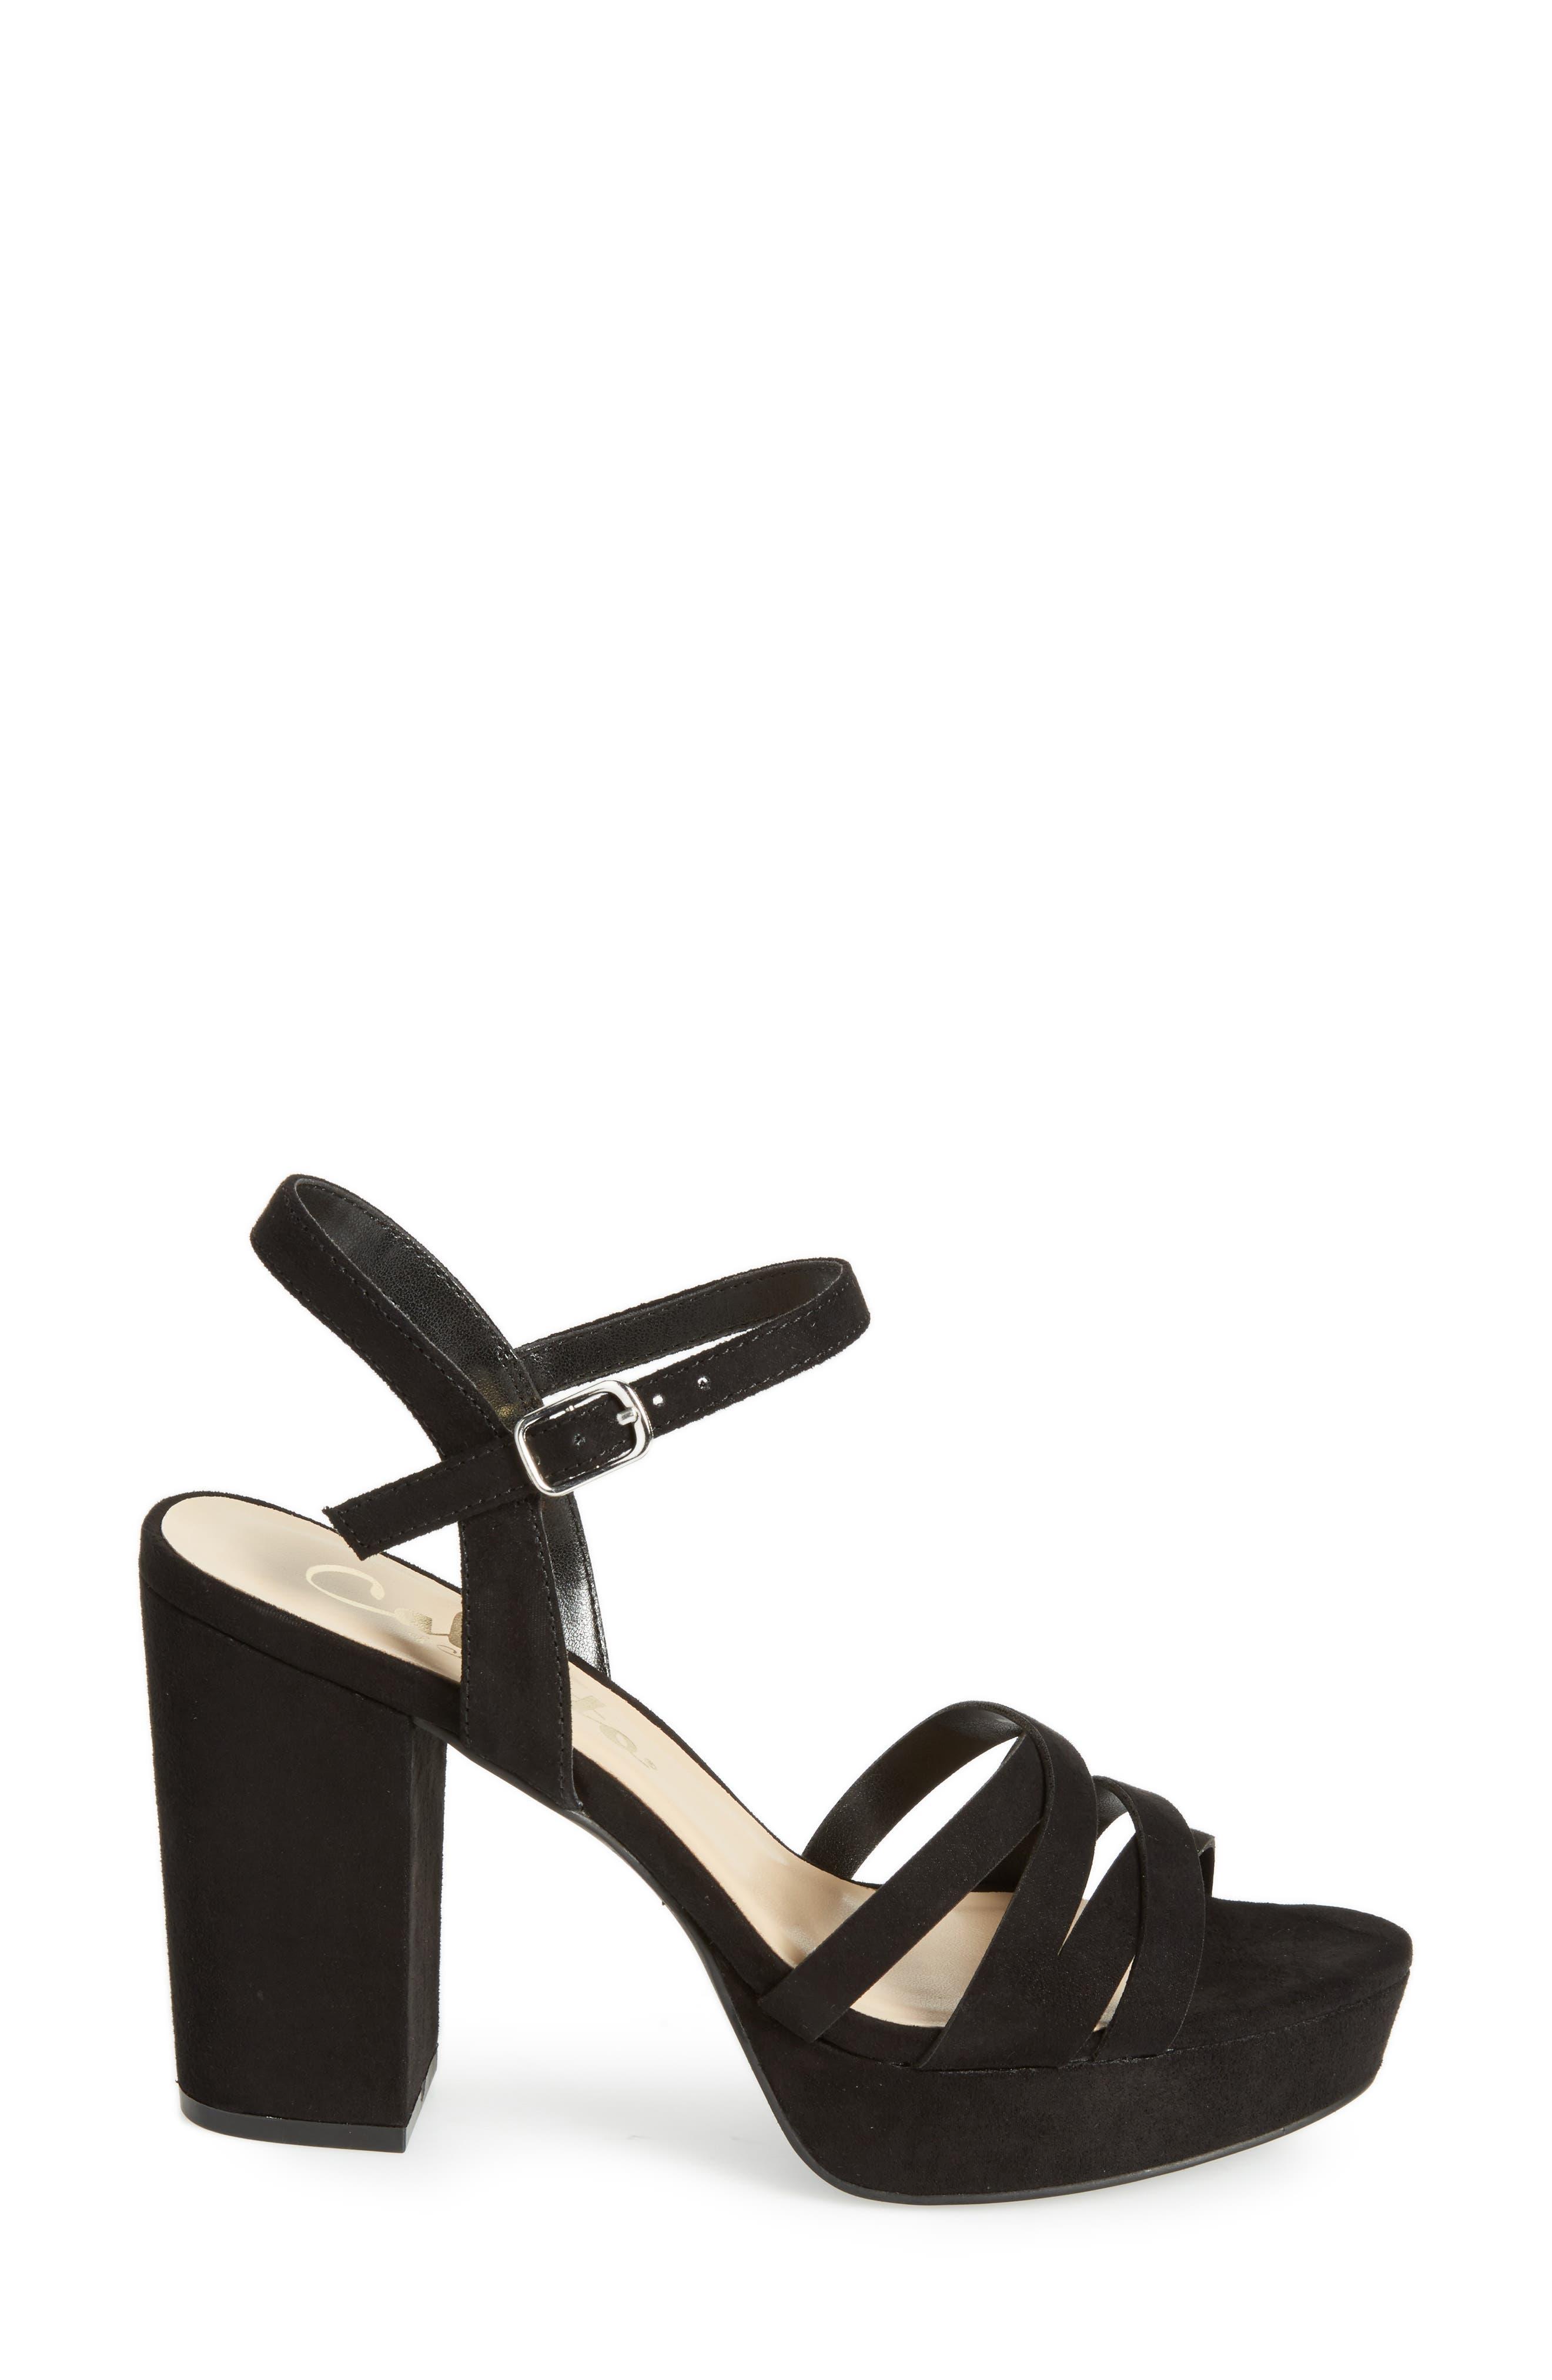 Paxx Platform Sandal,                             Alternate thumbnail 3, color,                             Black Faux Suede